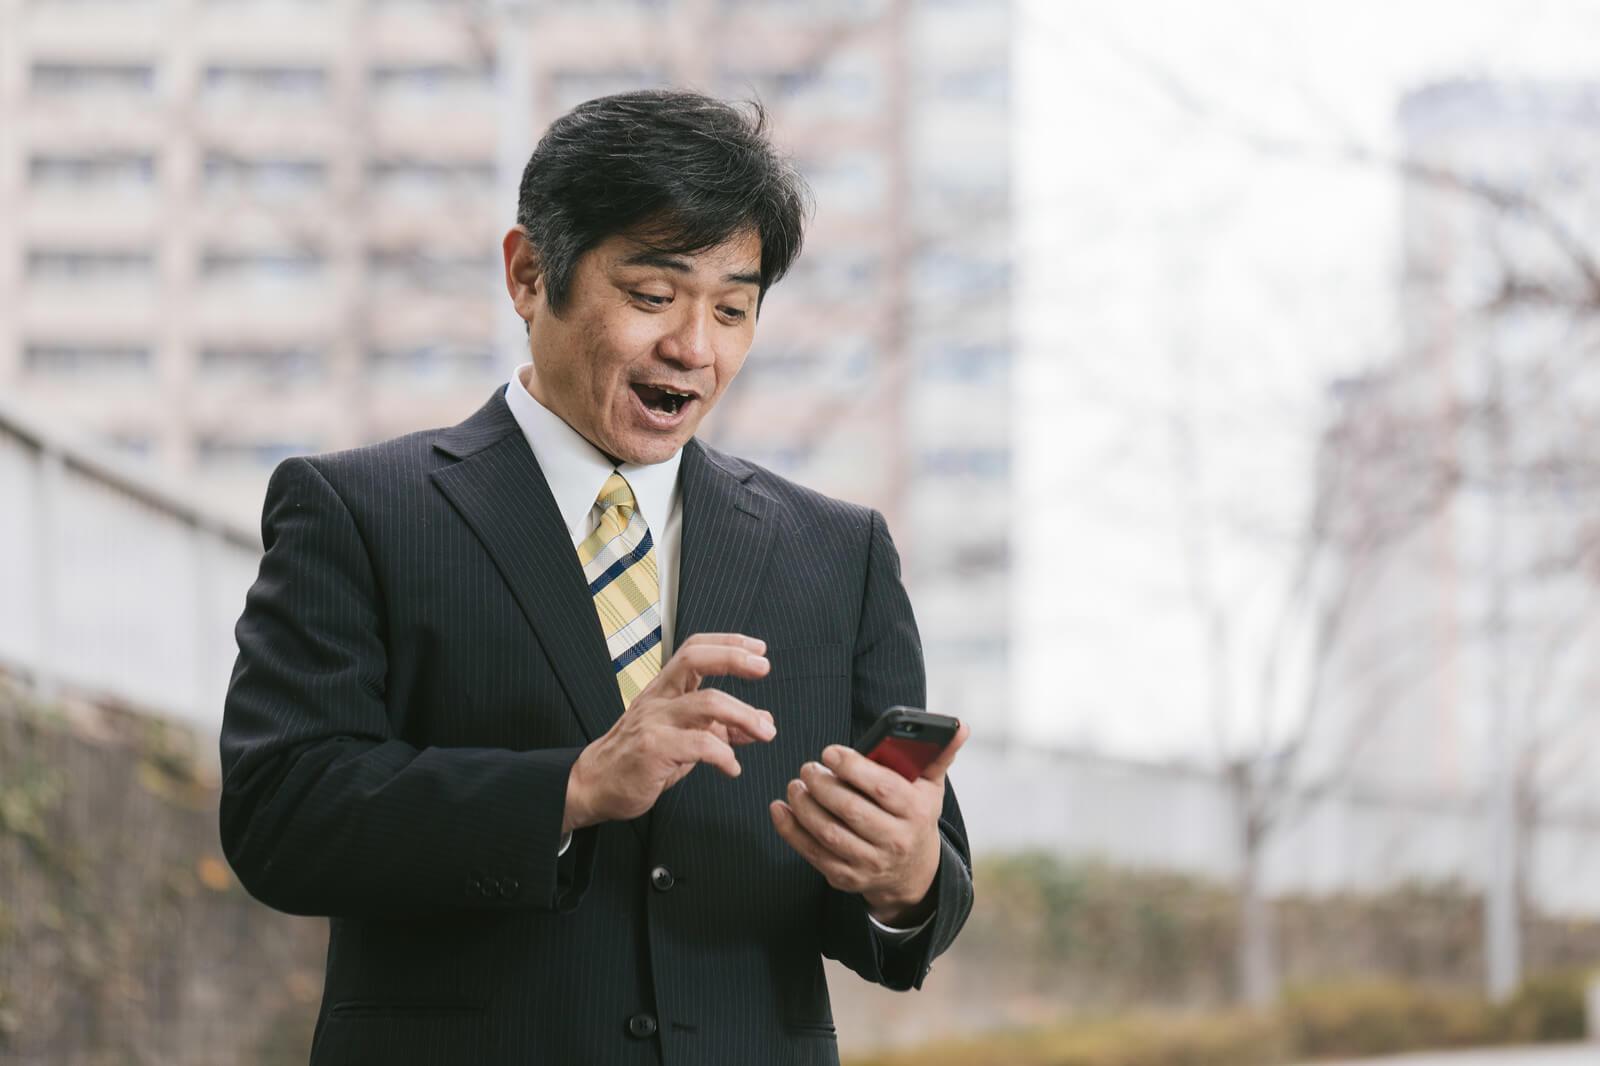 アプリを見て驚く男性